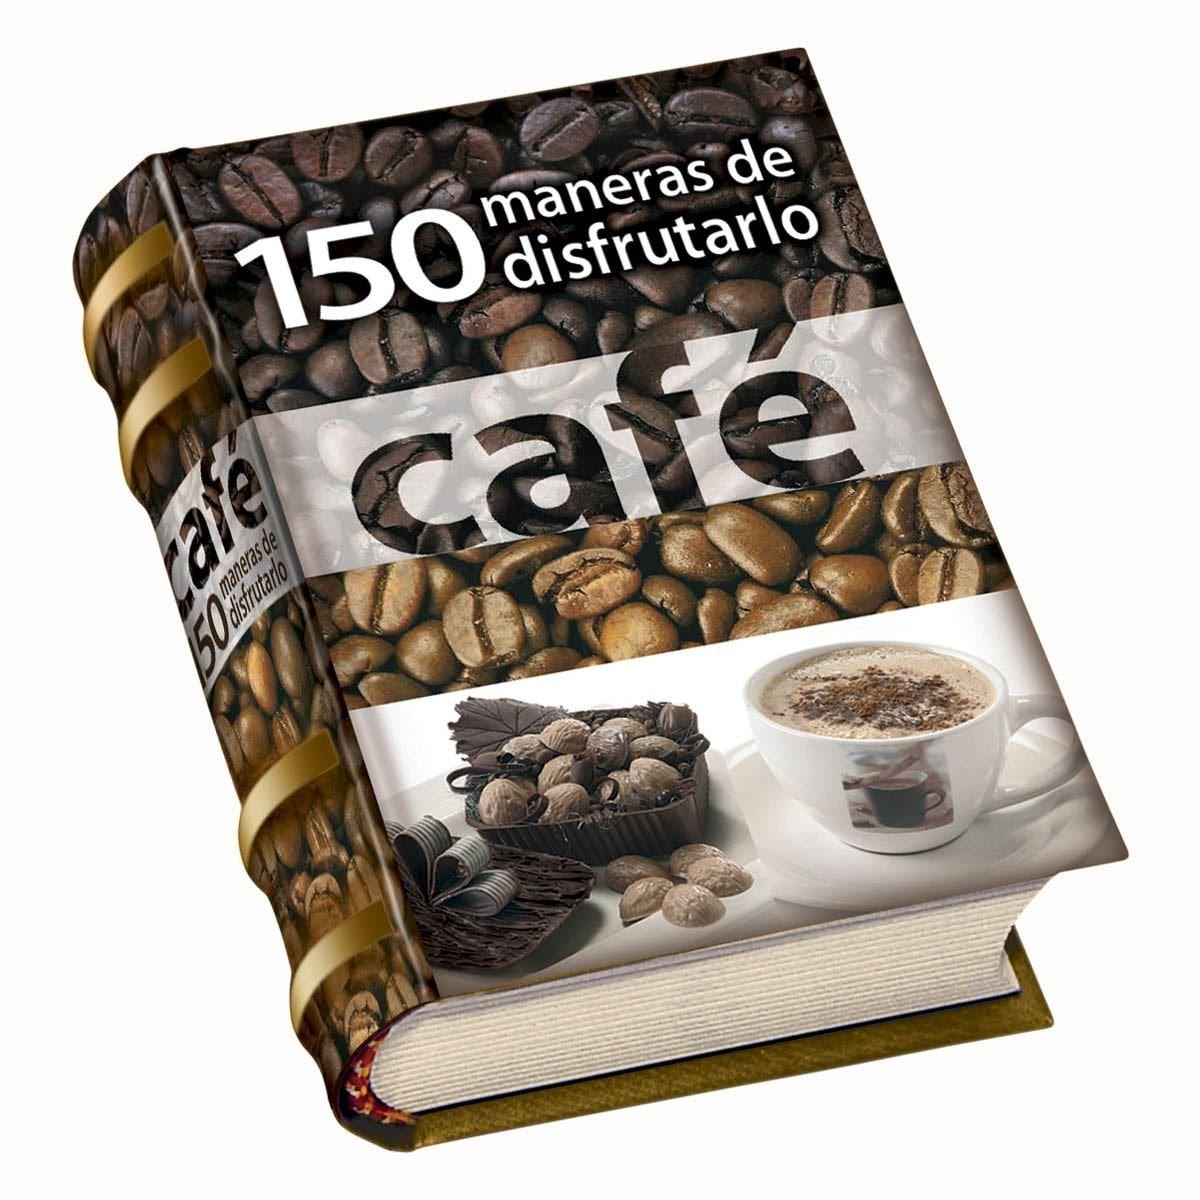 Café 150 maneras de disfrutarlo (Mini libro)